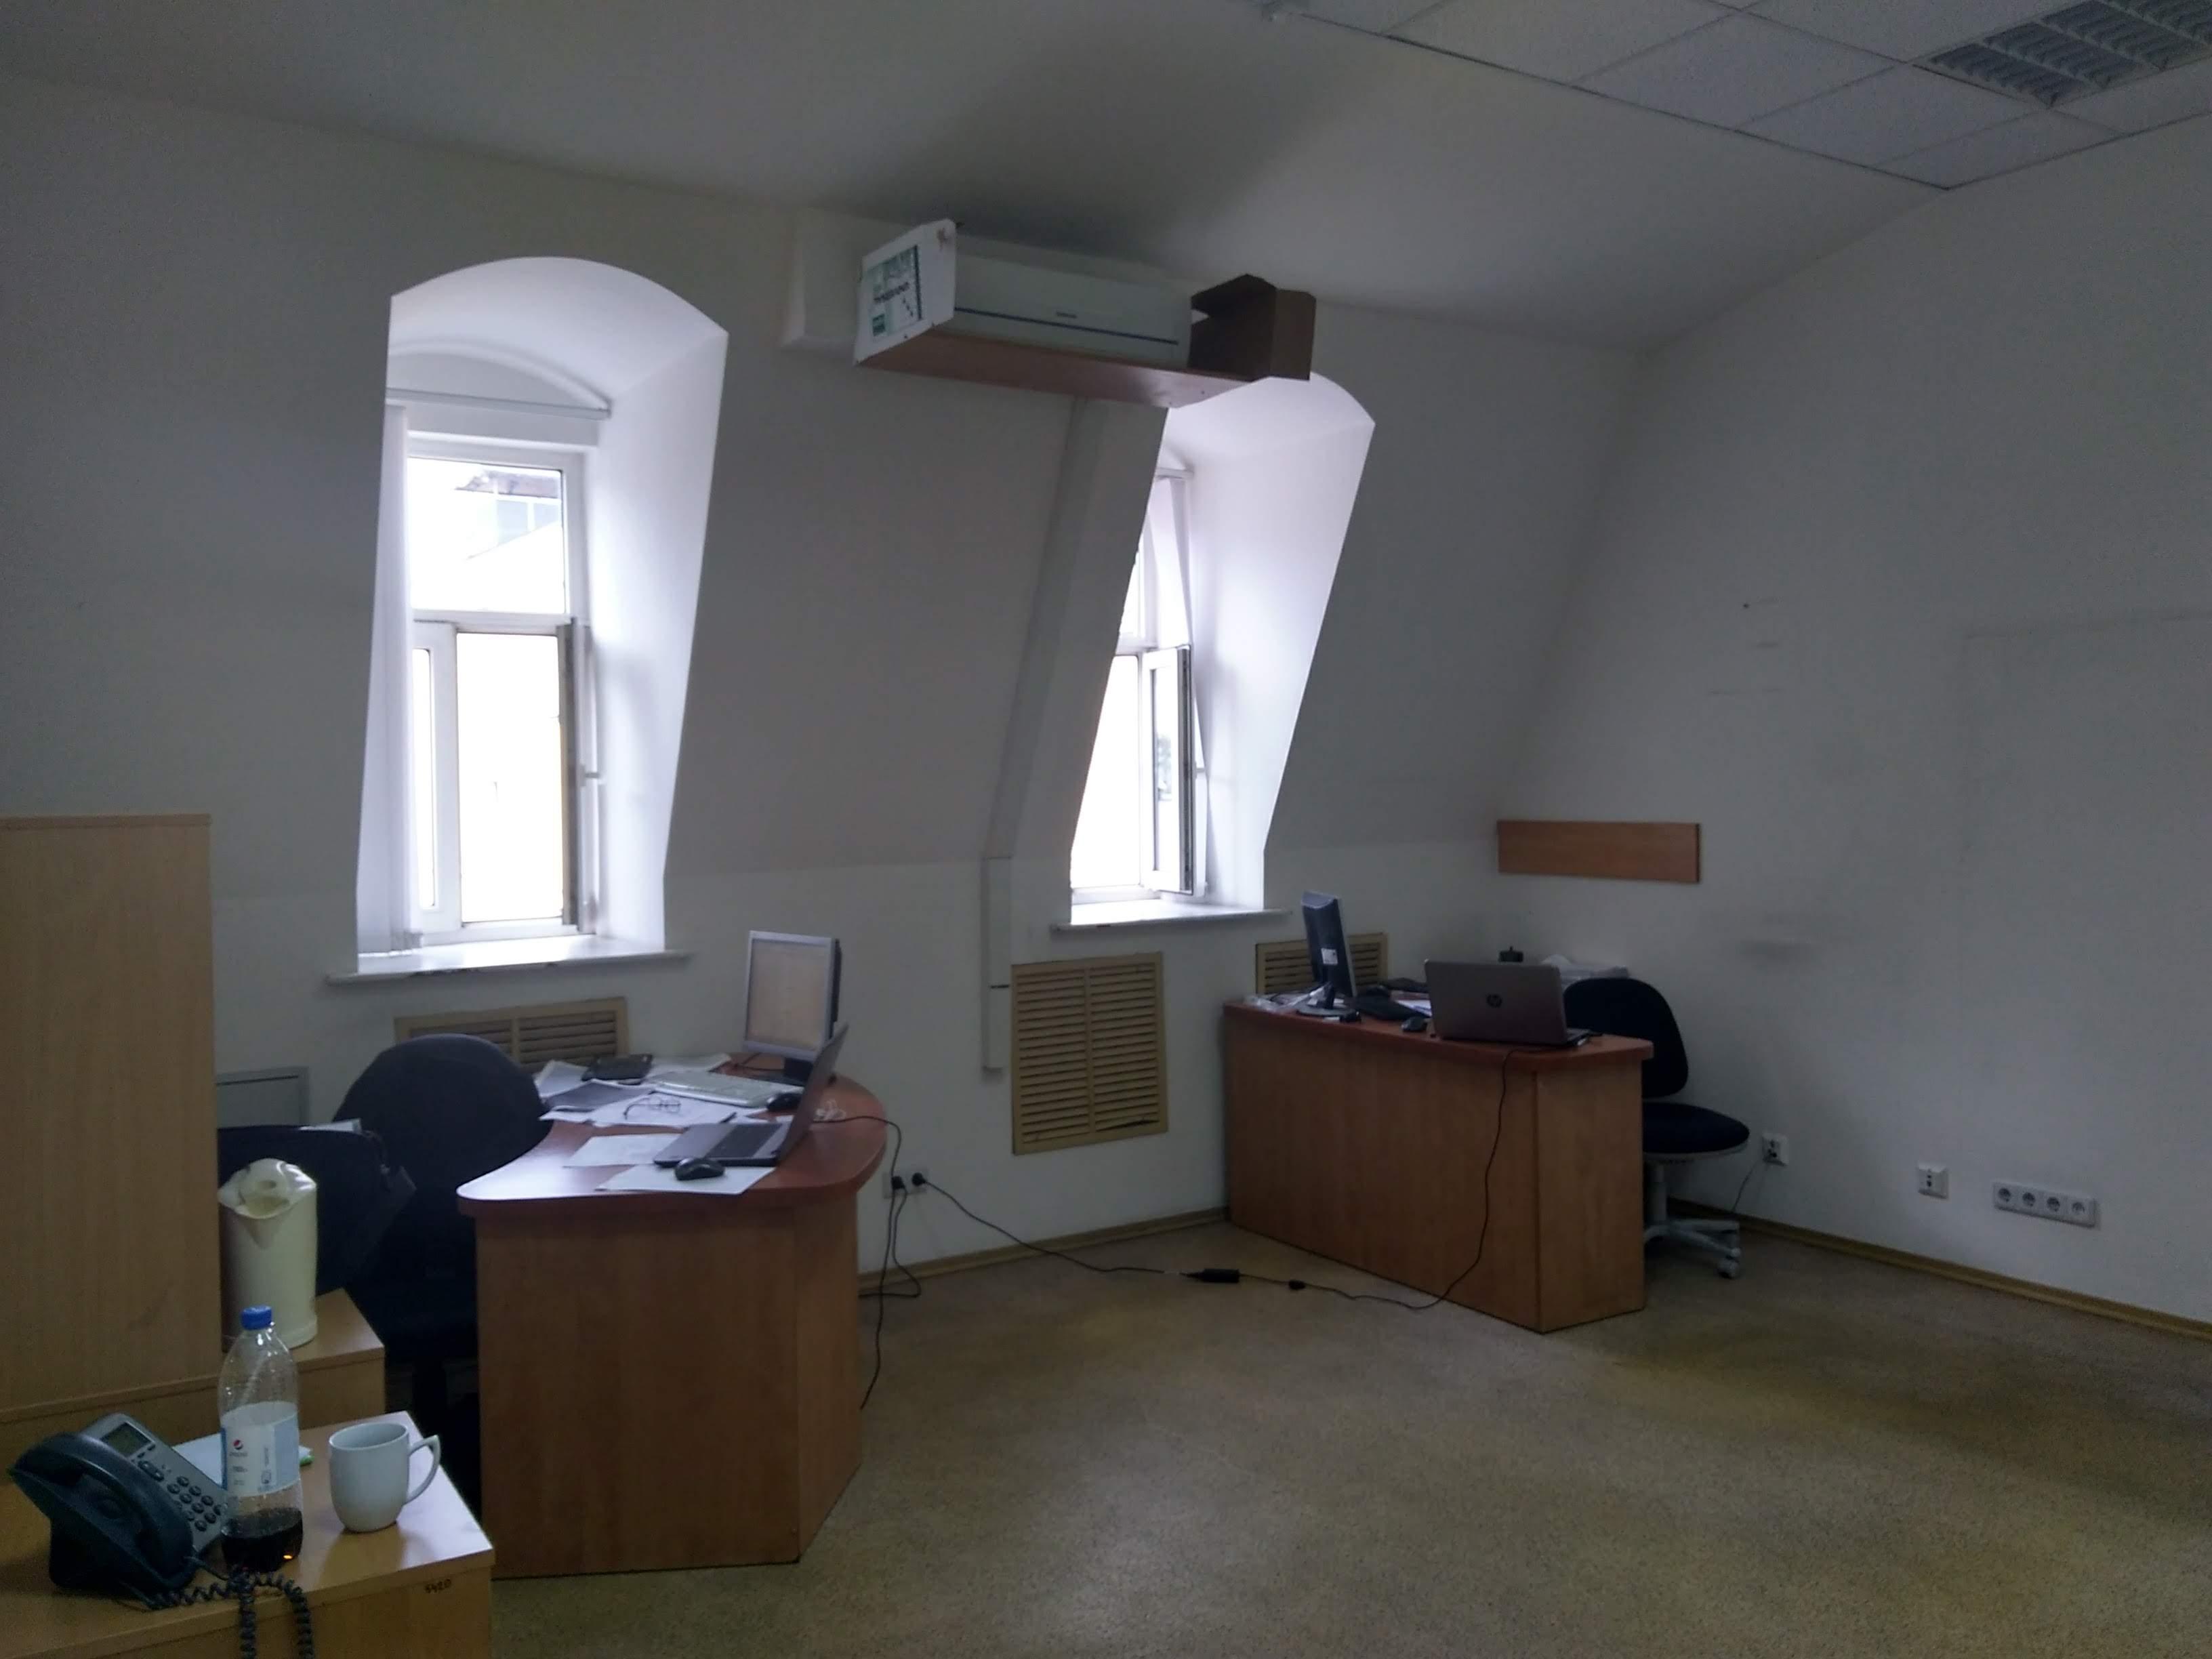 Частина нежитлового приміщення загальною площею 29,6 кв. м. на 4-му поверсі будівлі, що розташована за адресою: м. Київ, вул. Хорива, буд. 11-А.